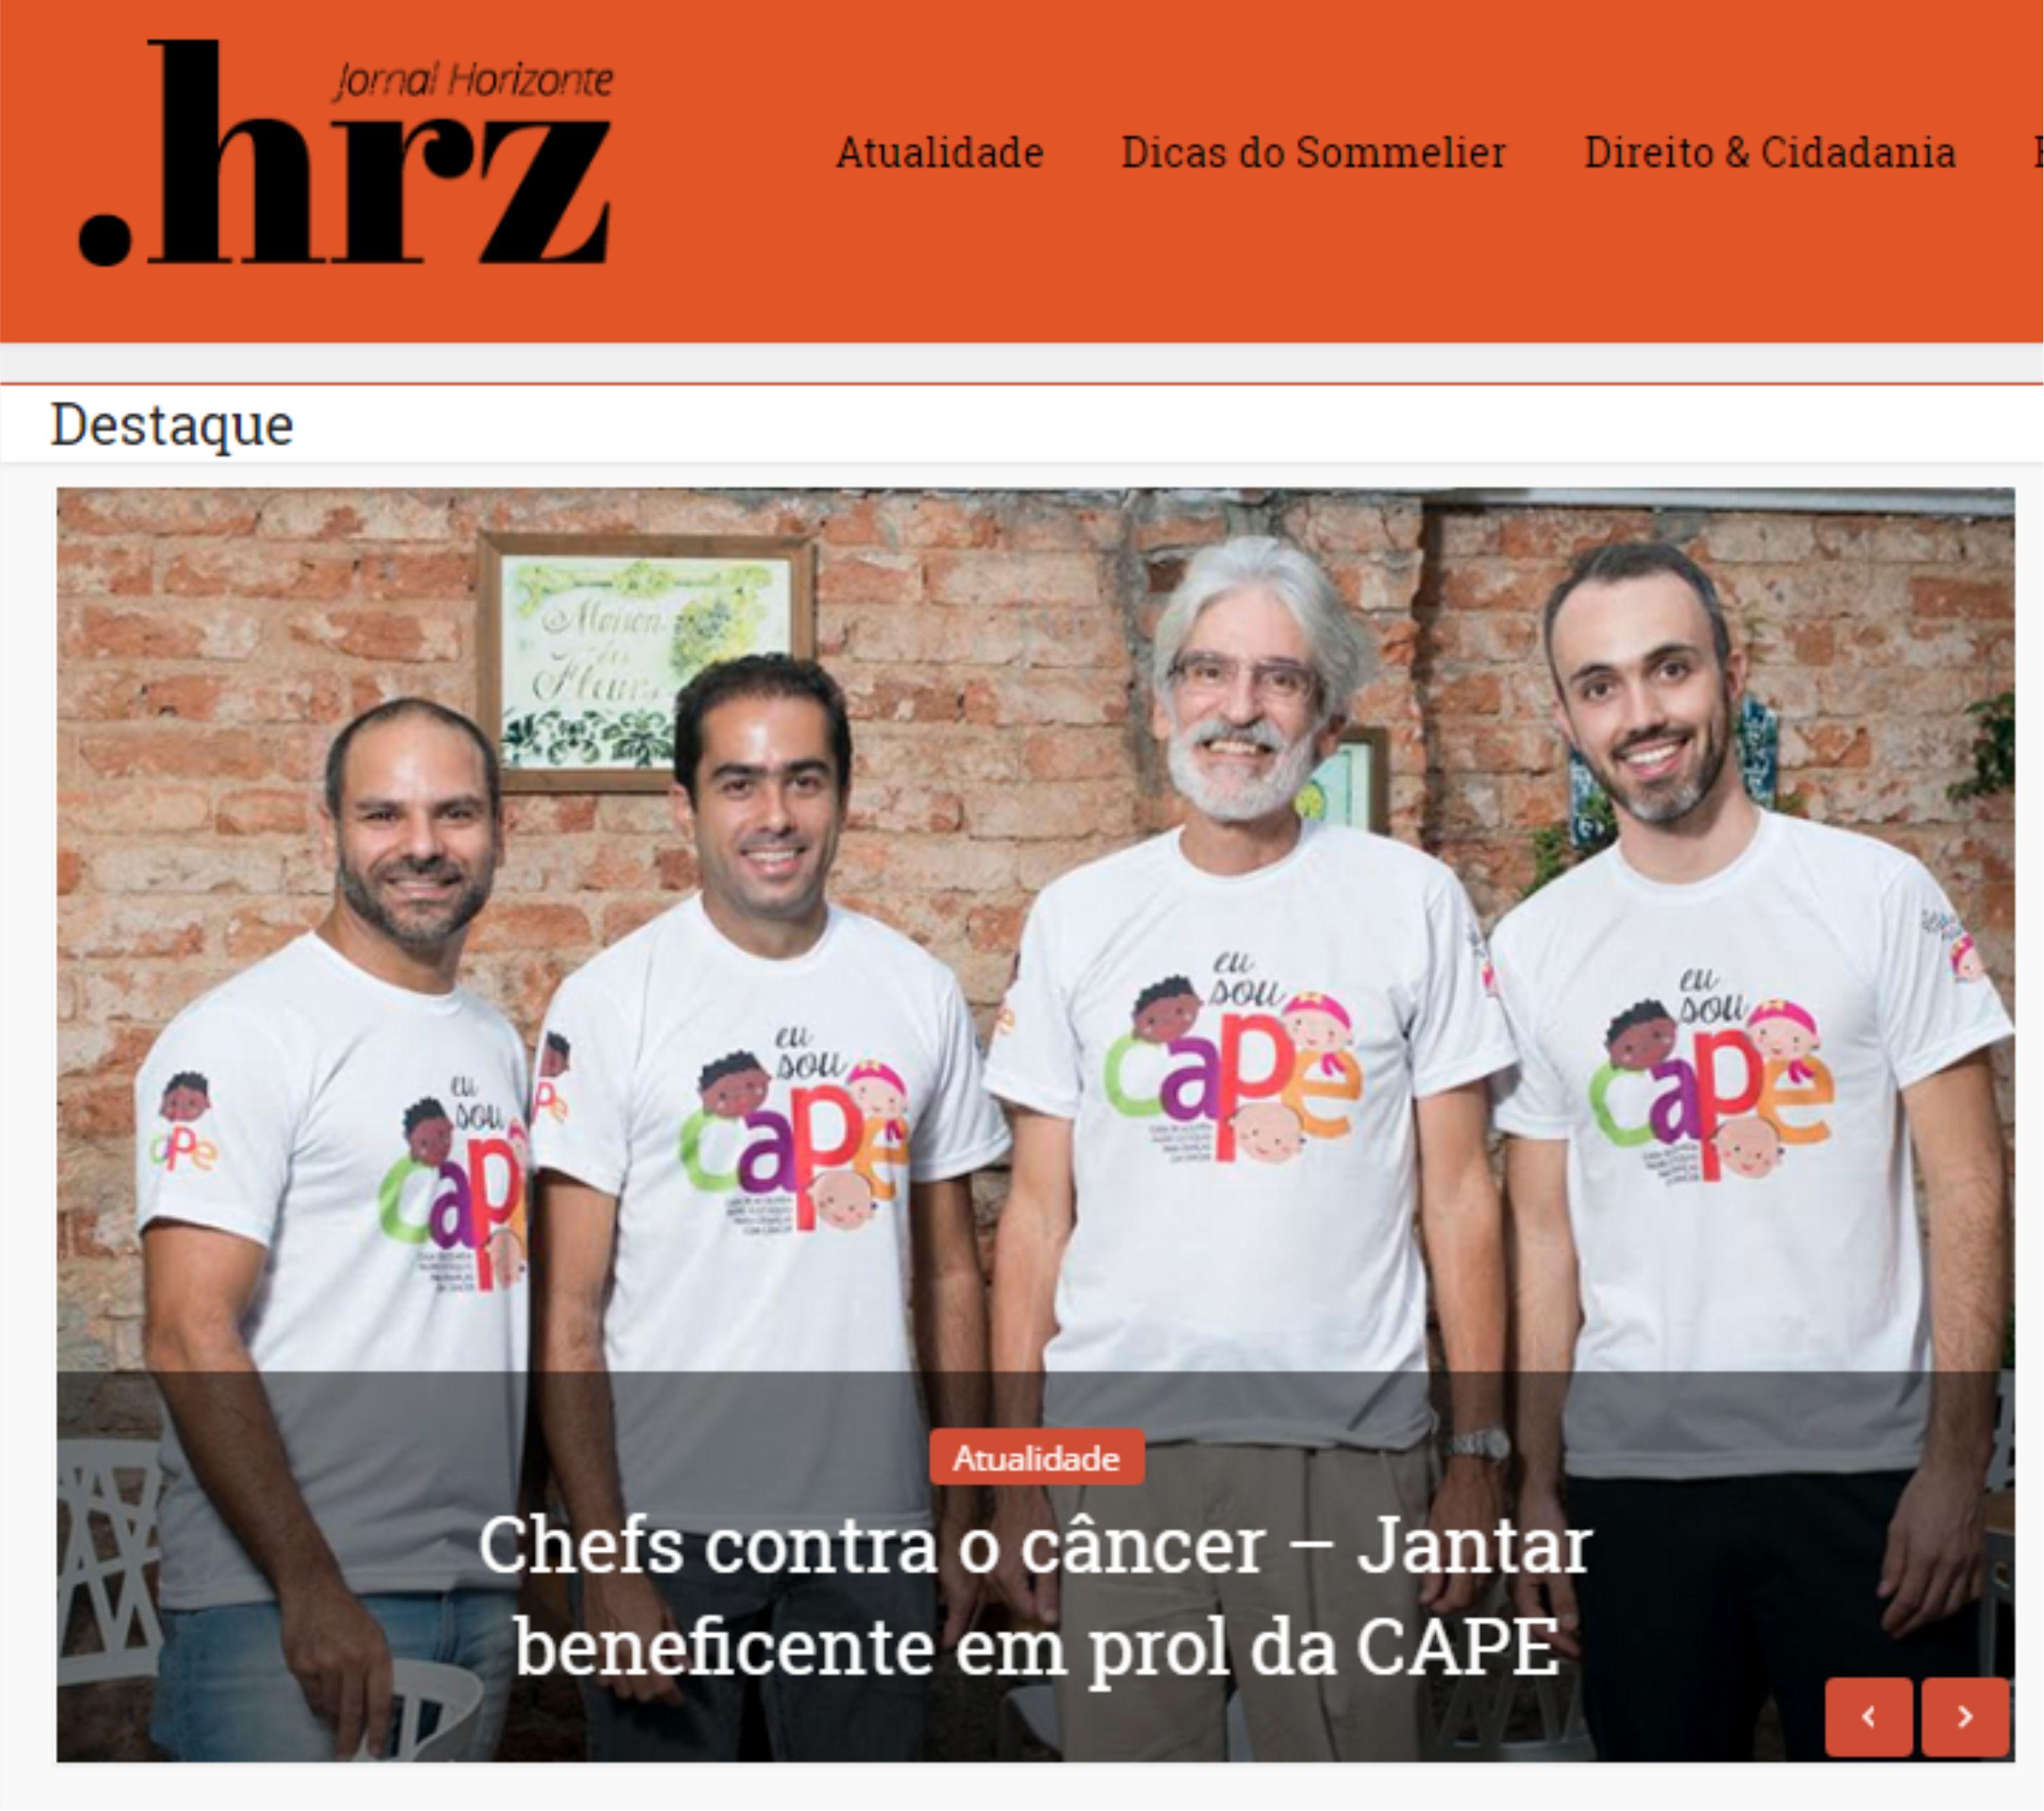 Chefs contra o câncer - CAPE